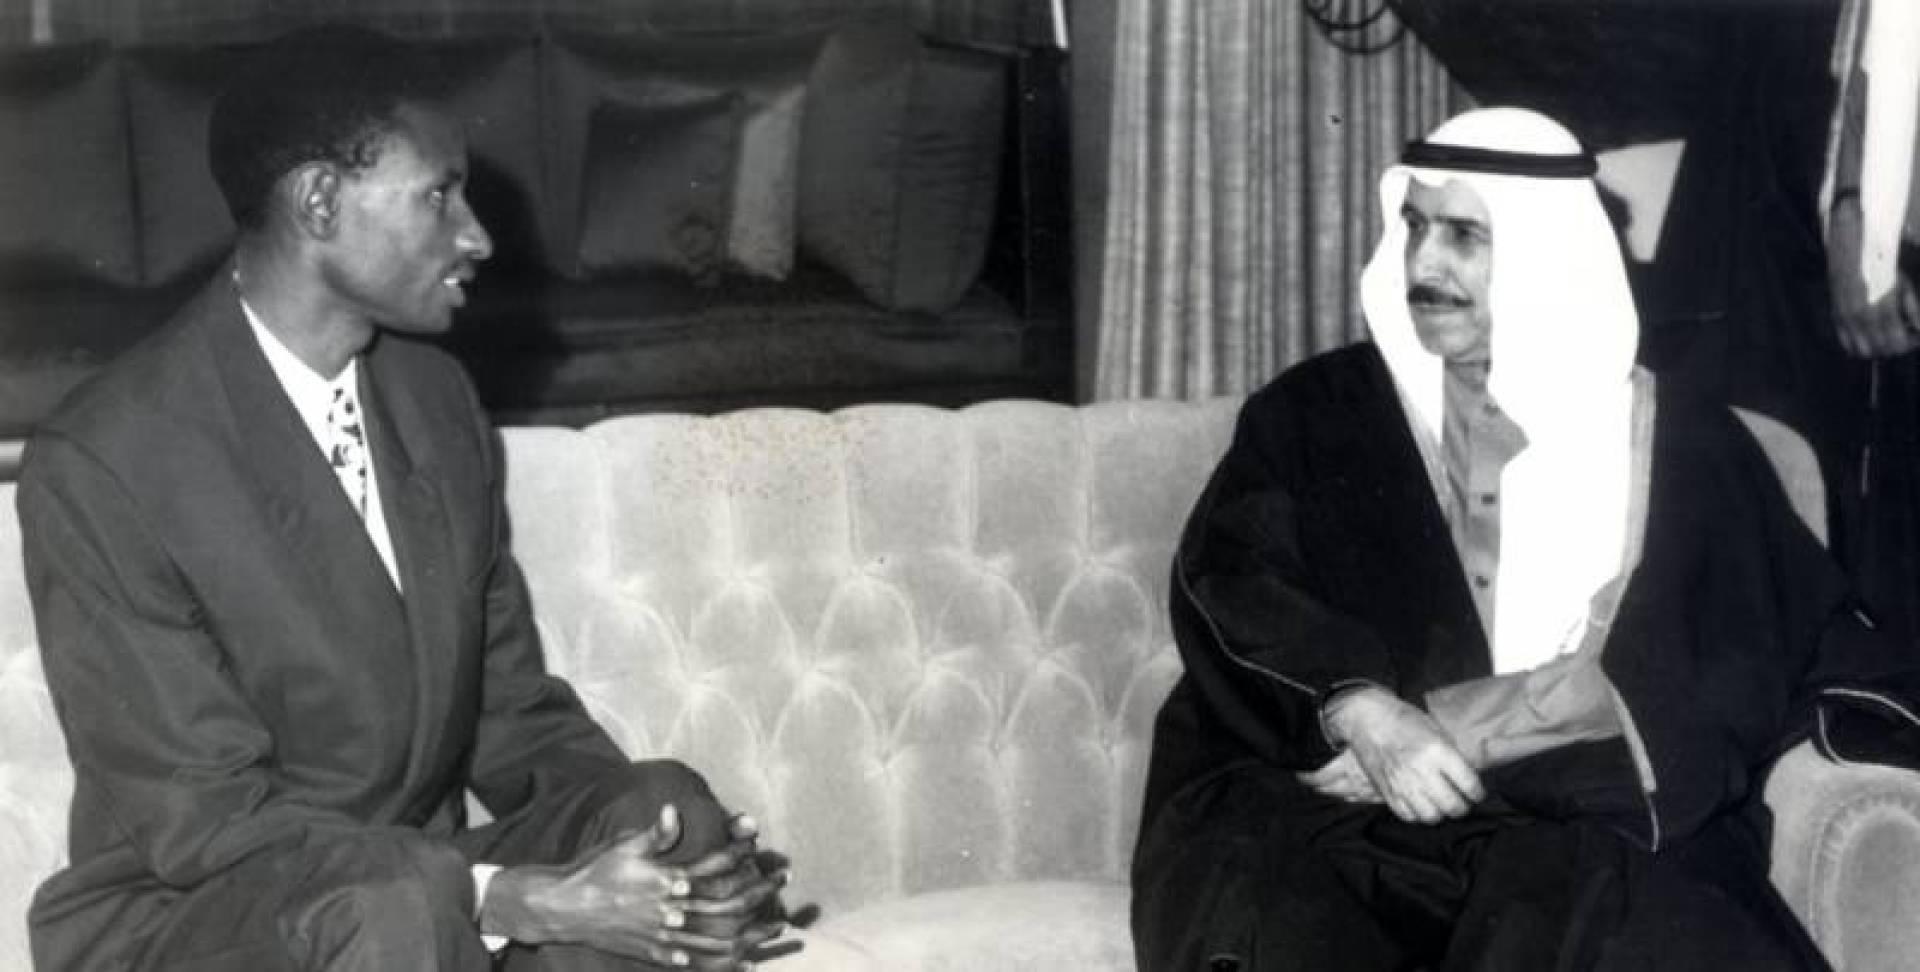 الشيخ صباح السالم الصباح مستقبلا رئيس وزراء السنغال عبده ضيوف.. صورة أرشيفية